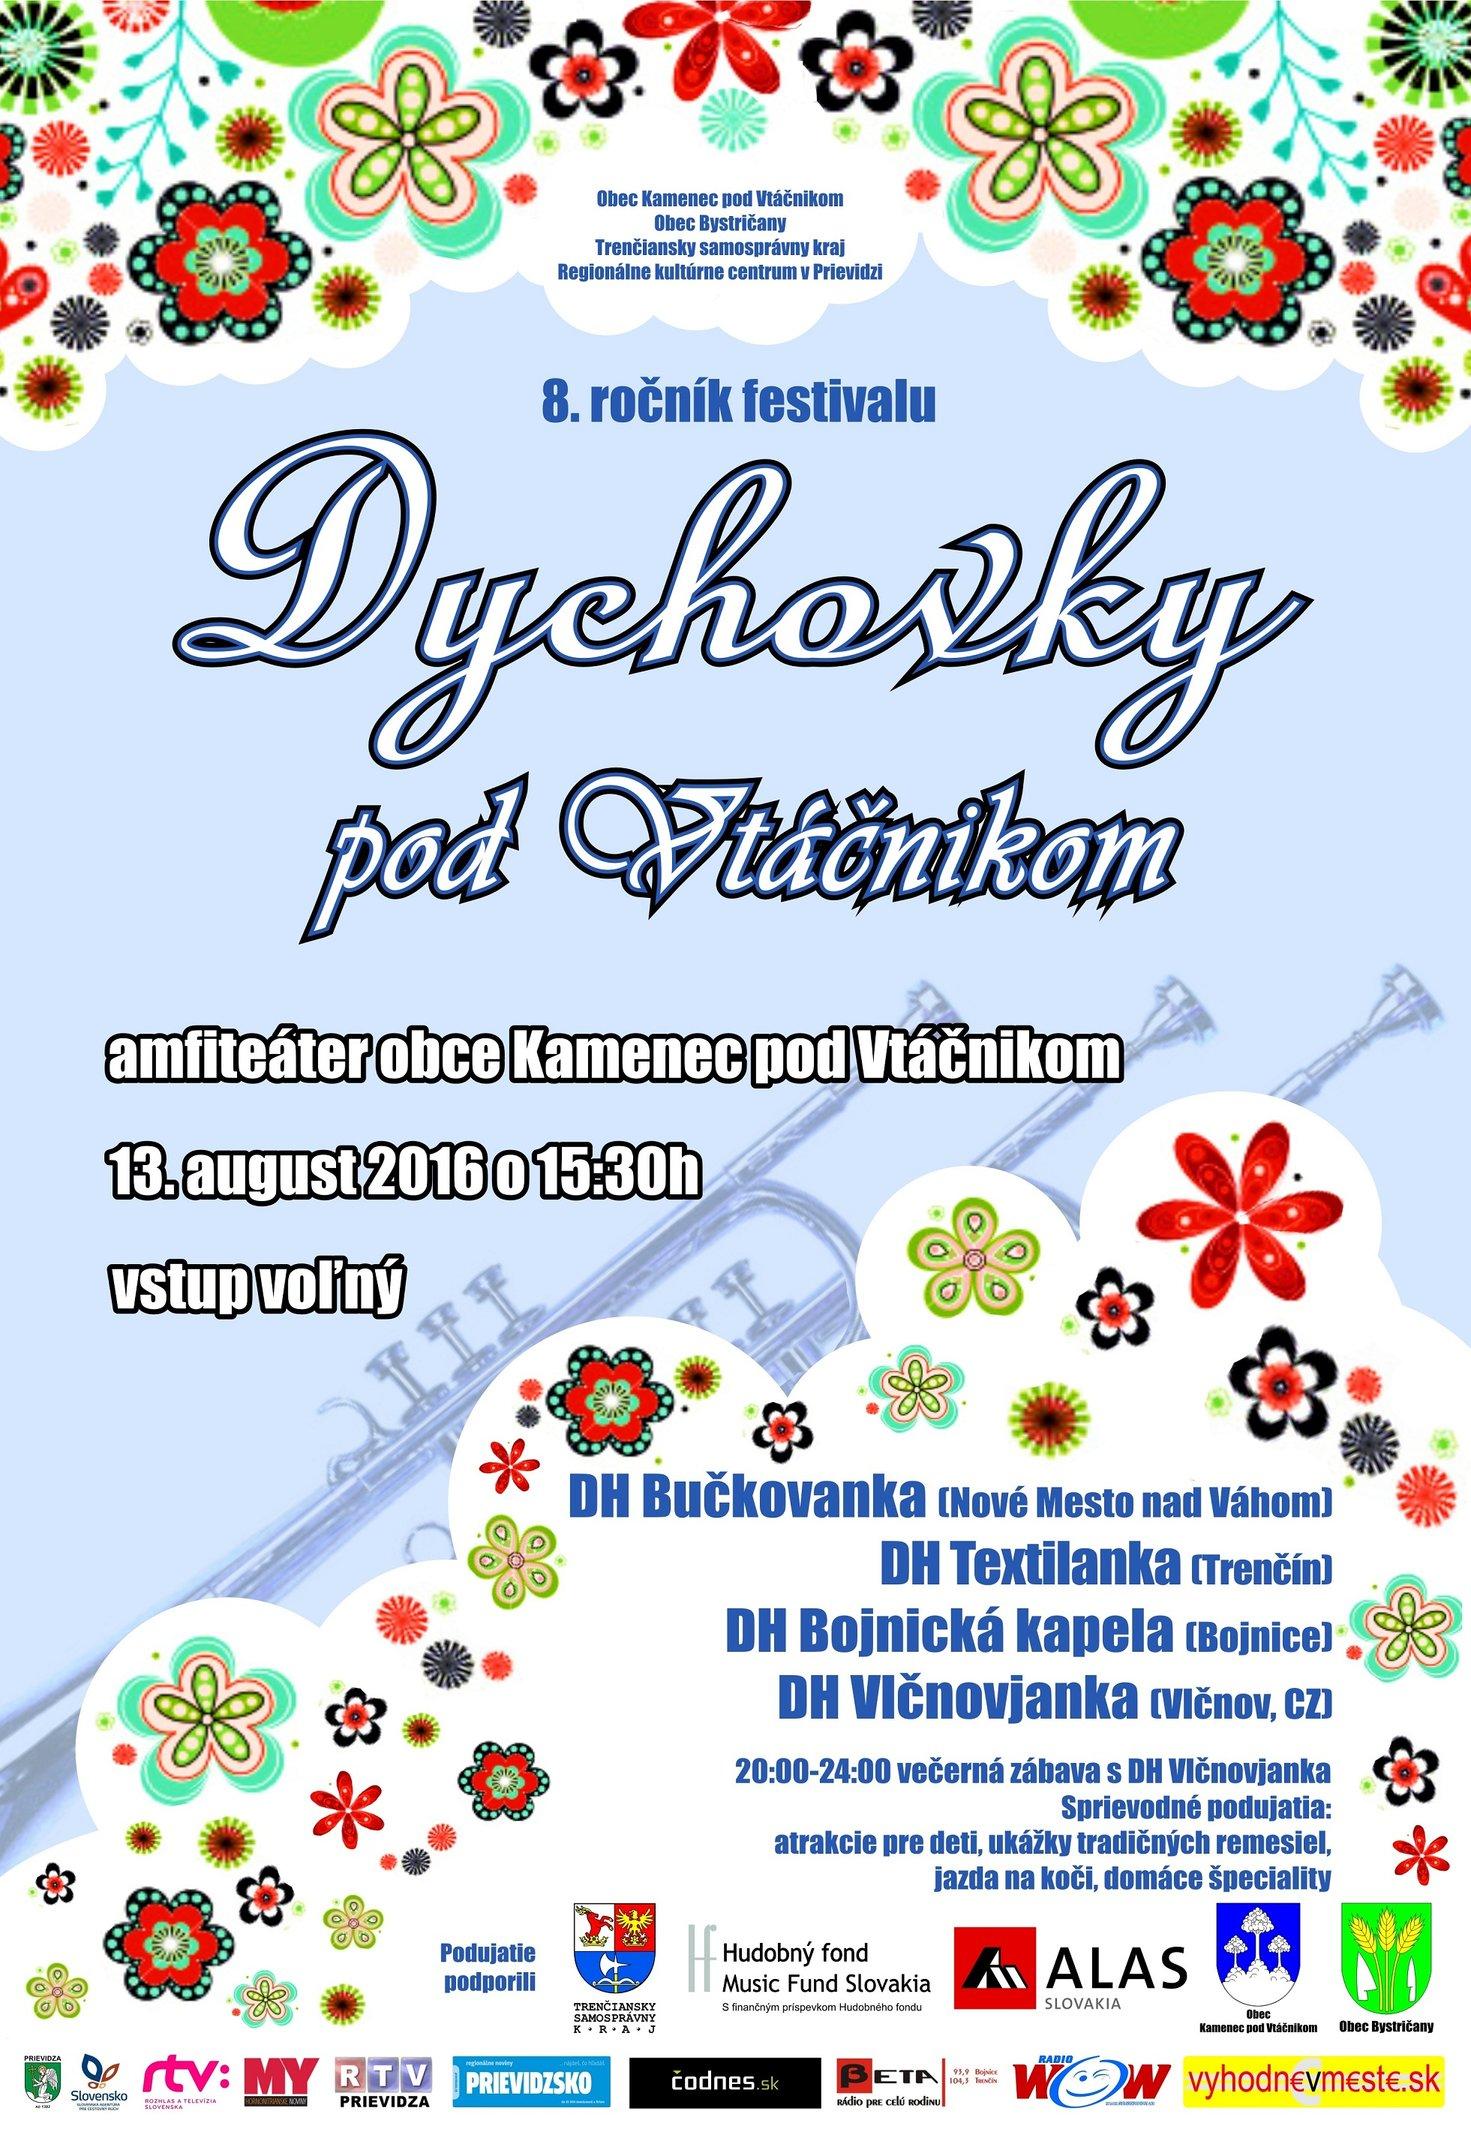 dychovky 2016